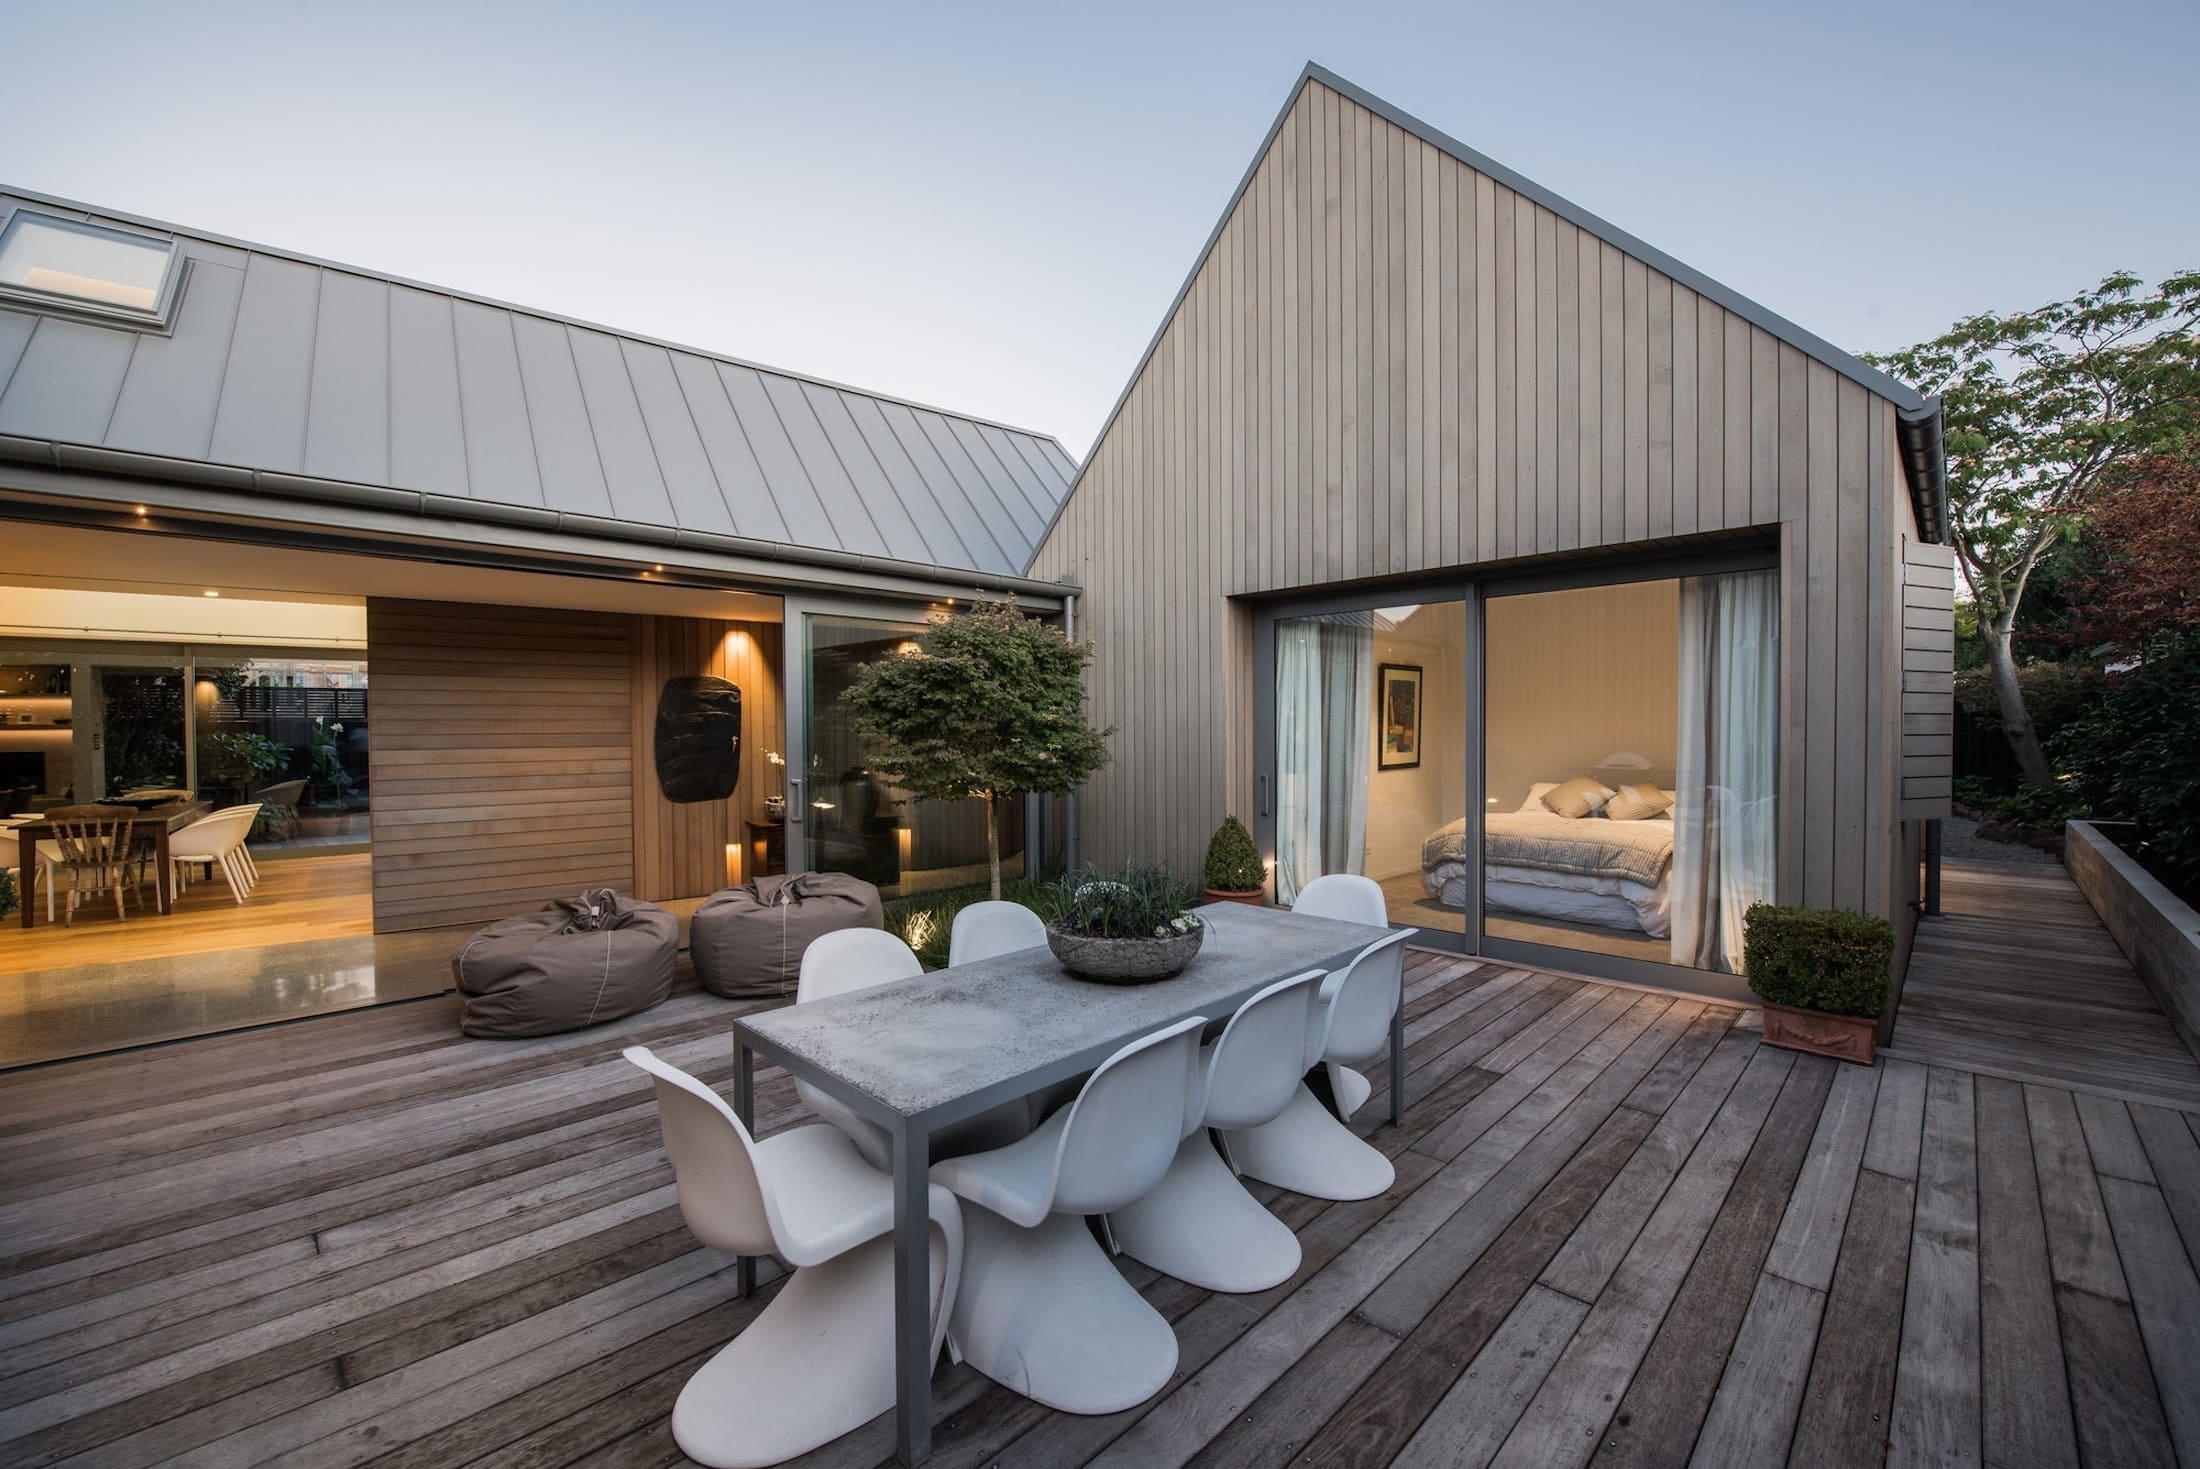 Po obrovských zemětřeseních byl původní dům totálně zdevastovaný. I tak dostal druhou šanci a nové majitele, kteří mu vdechli život ve stylu moderní  stodoly.